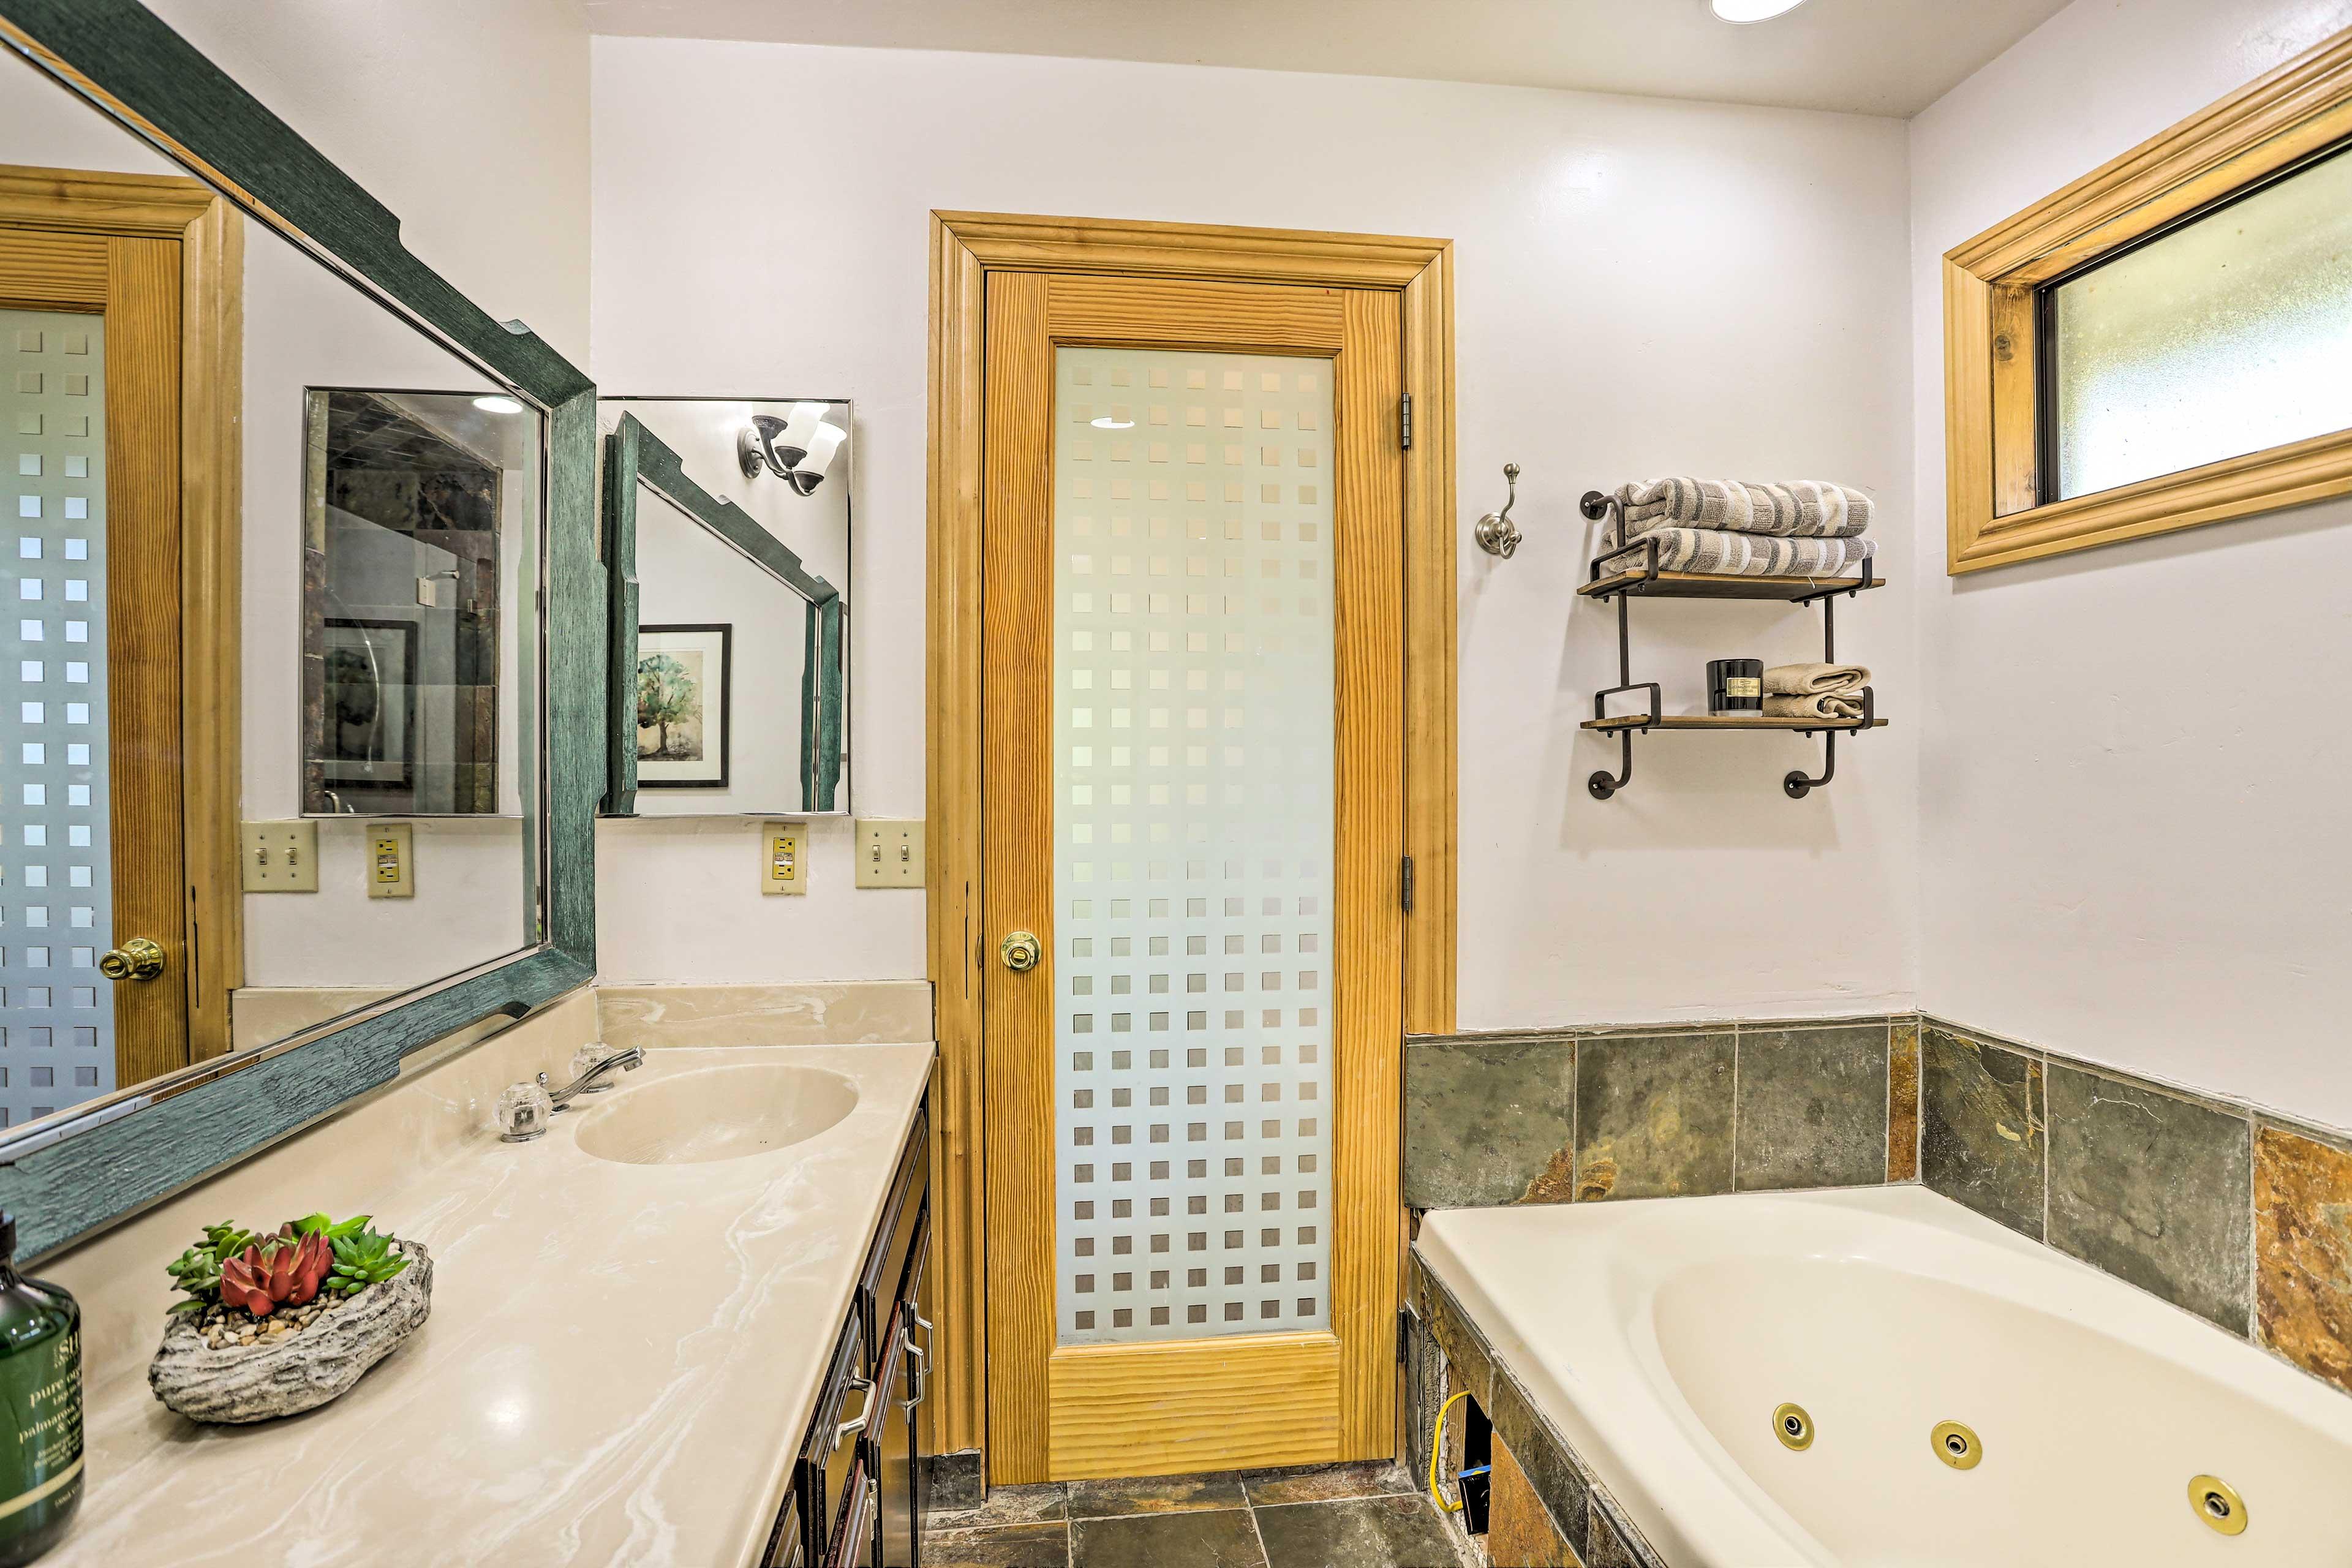 En-Suite Bathroom | Jetted Soaking Tub